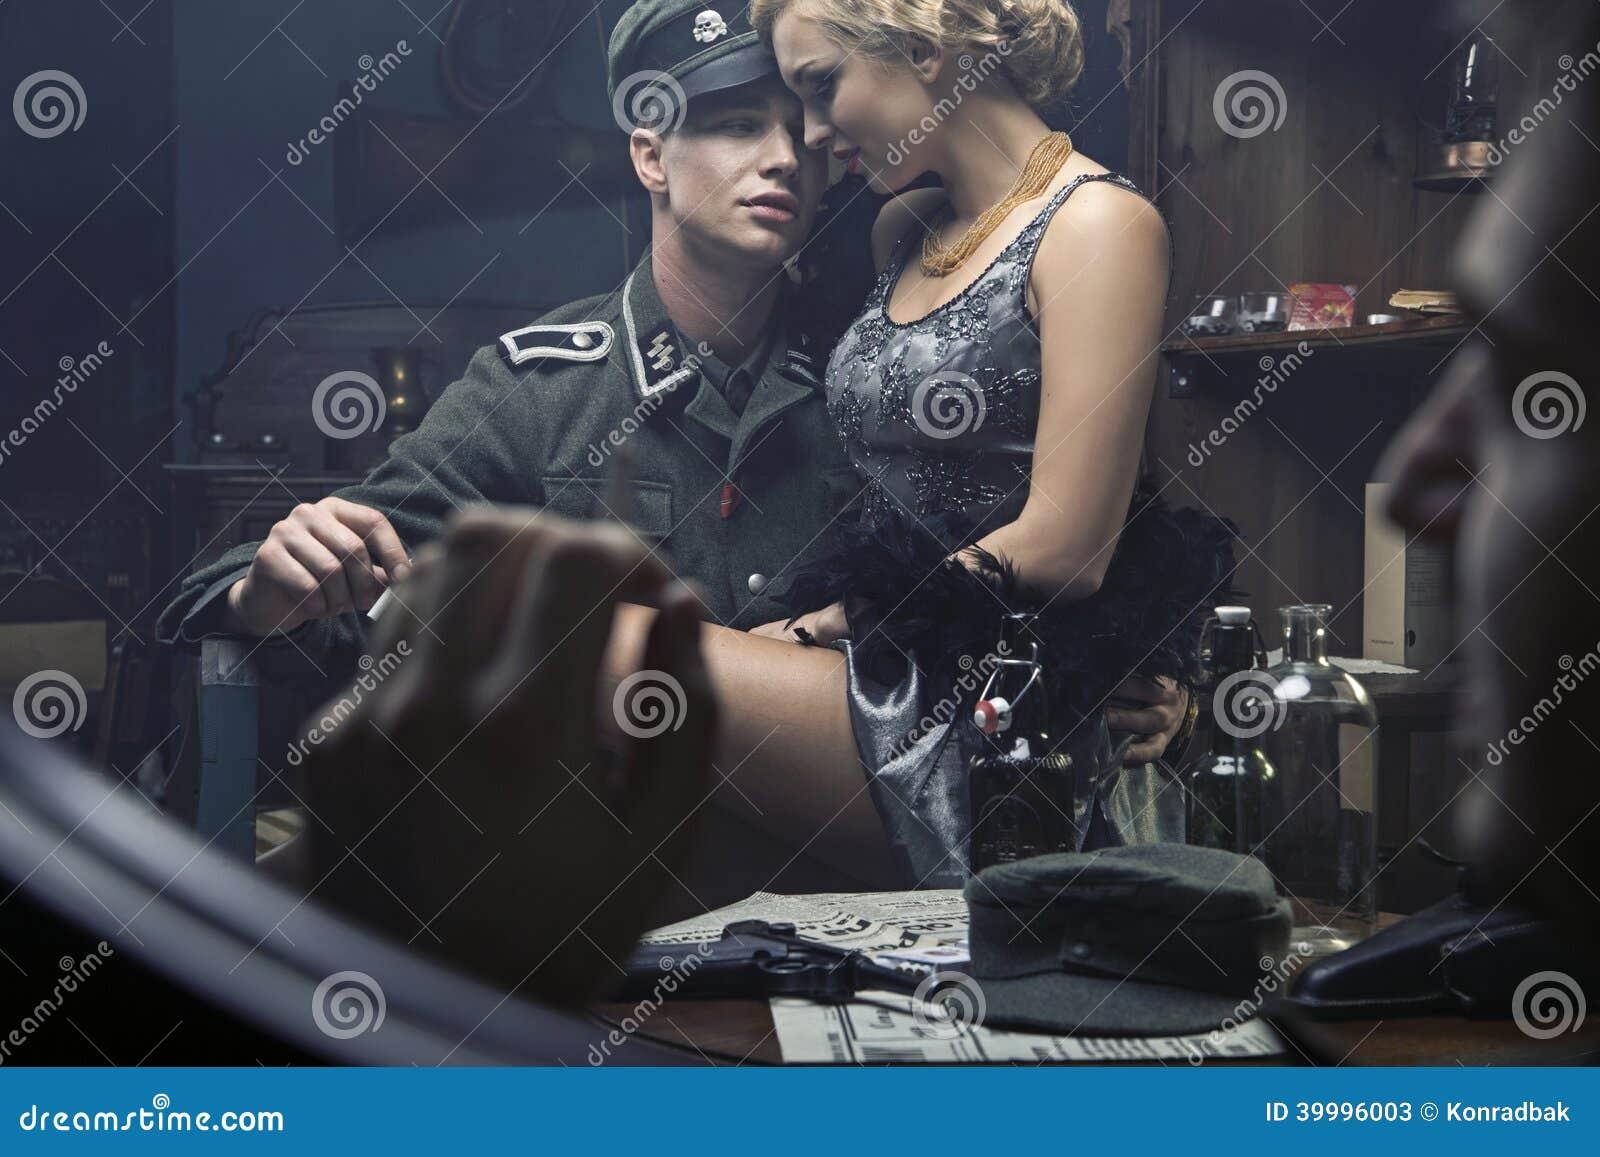 Секс немецких солдат 12 фотография